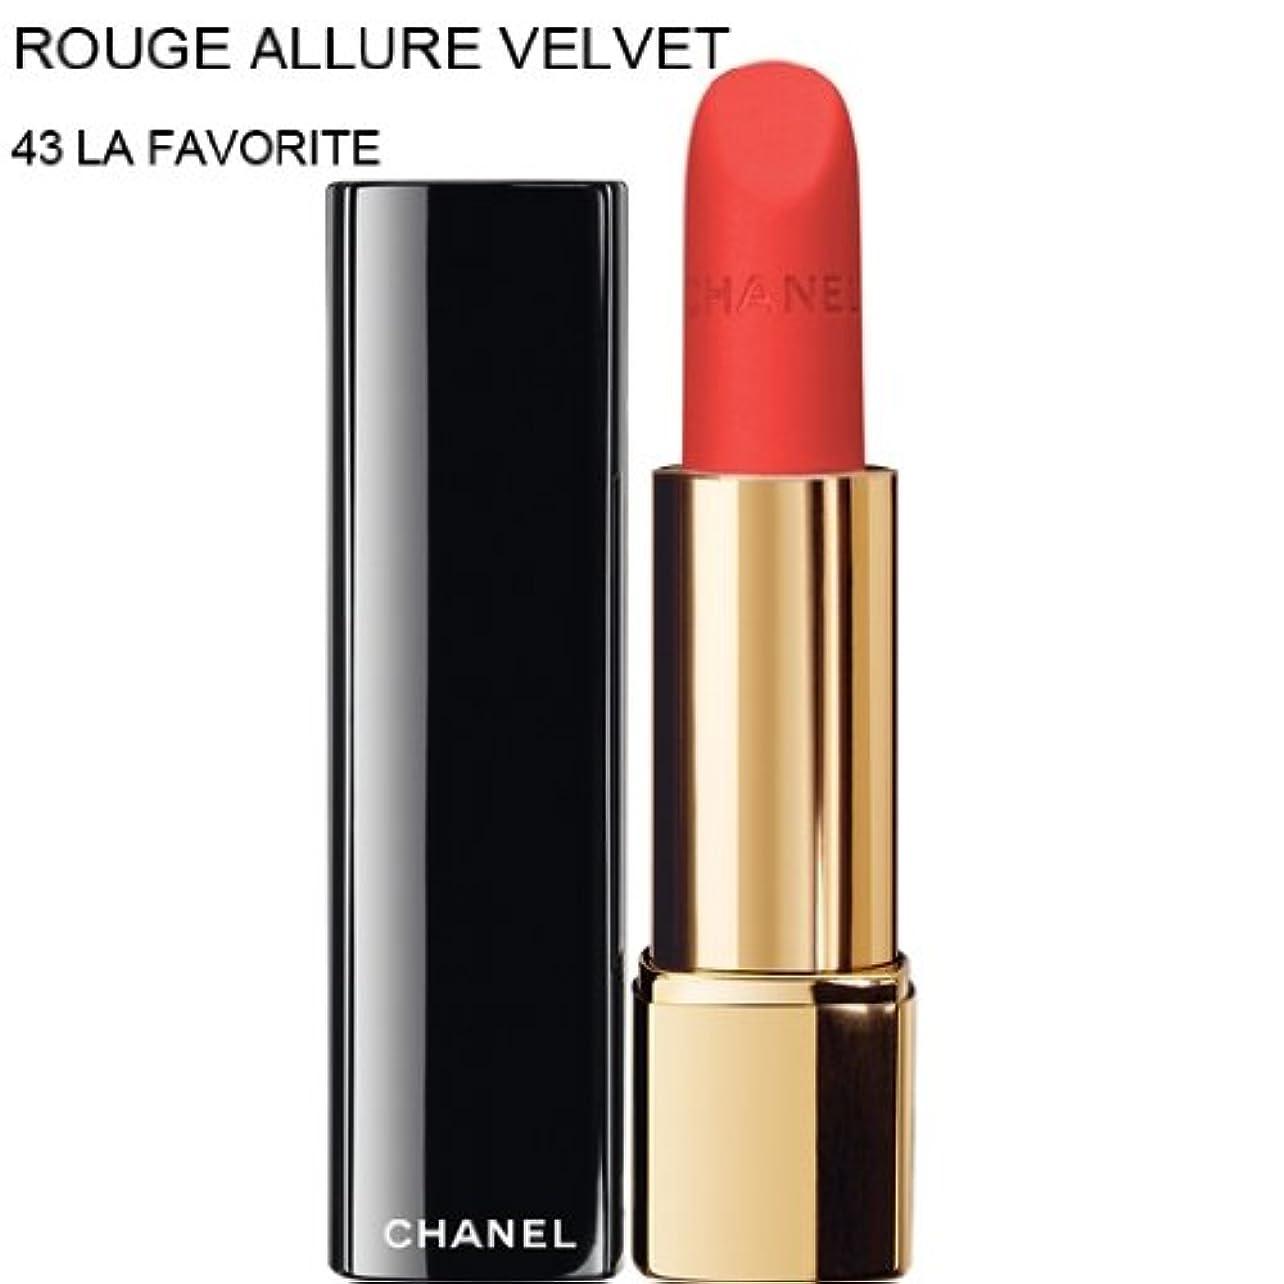 局遠足適合するCHANEL-Lipstick ROUGE ALLURE VELVET (43 LA FAVORITE) (parallel imported item 並行輸入品)